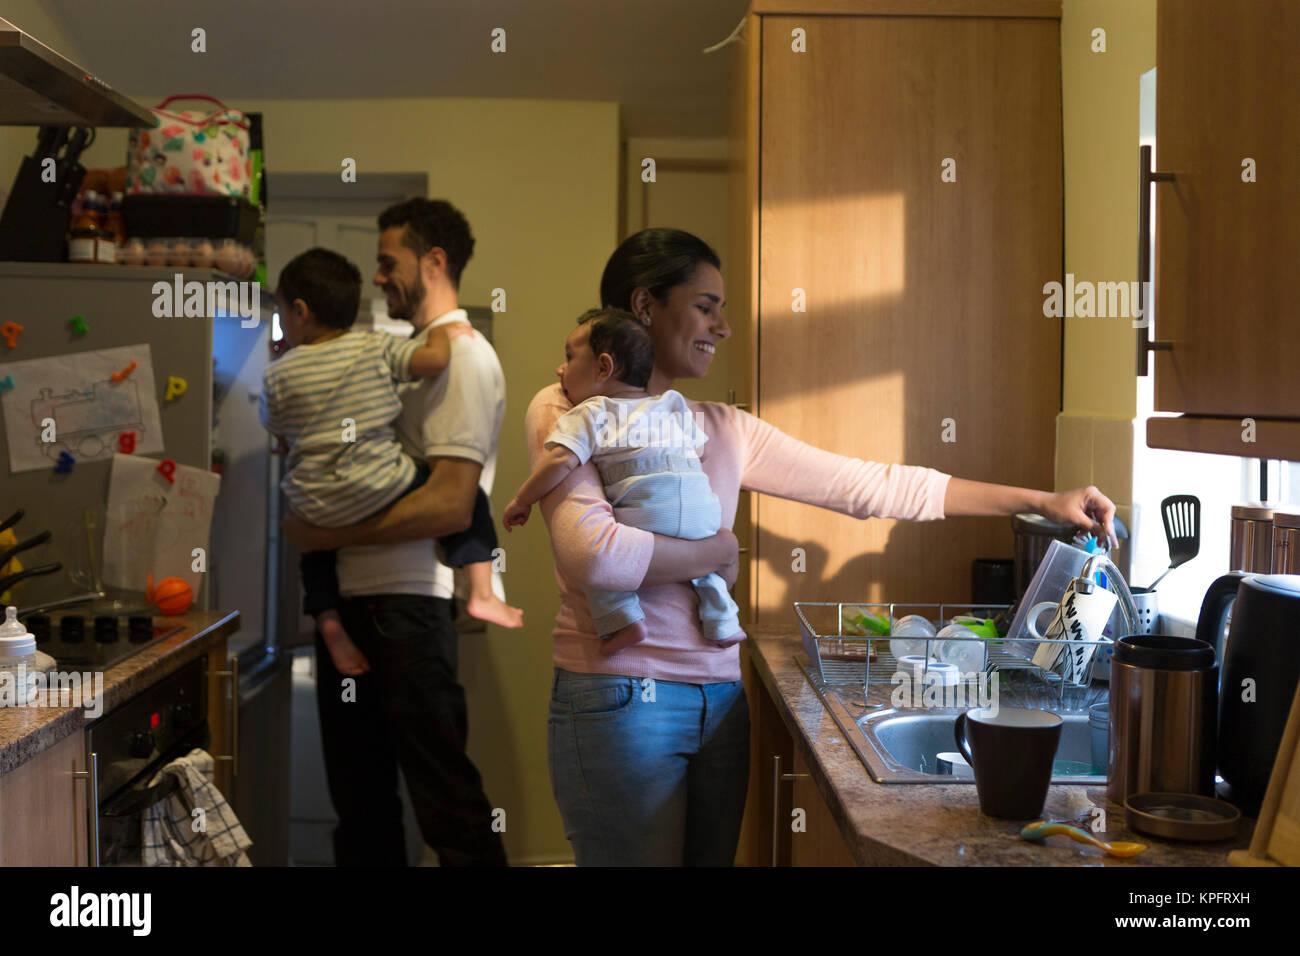 Amerikanischer Kühlschrank Old School : Amerikanischer kühlschrank stockfotos & amerikanischer kühlschrank